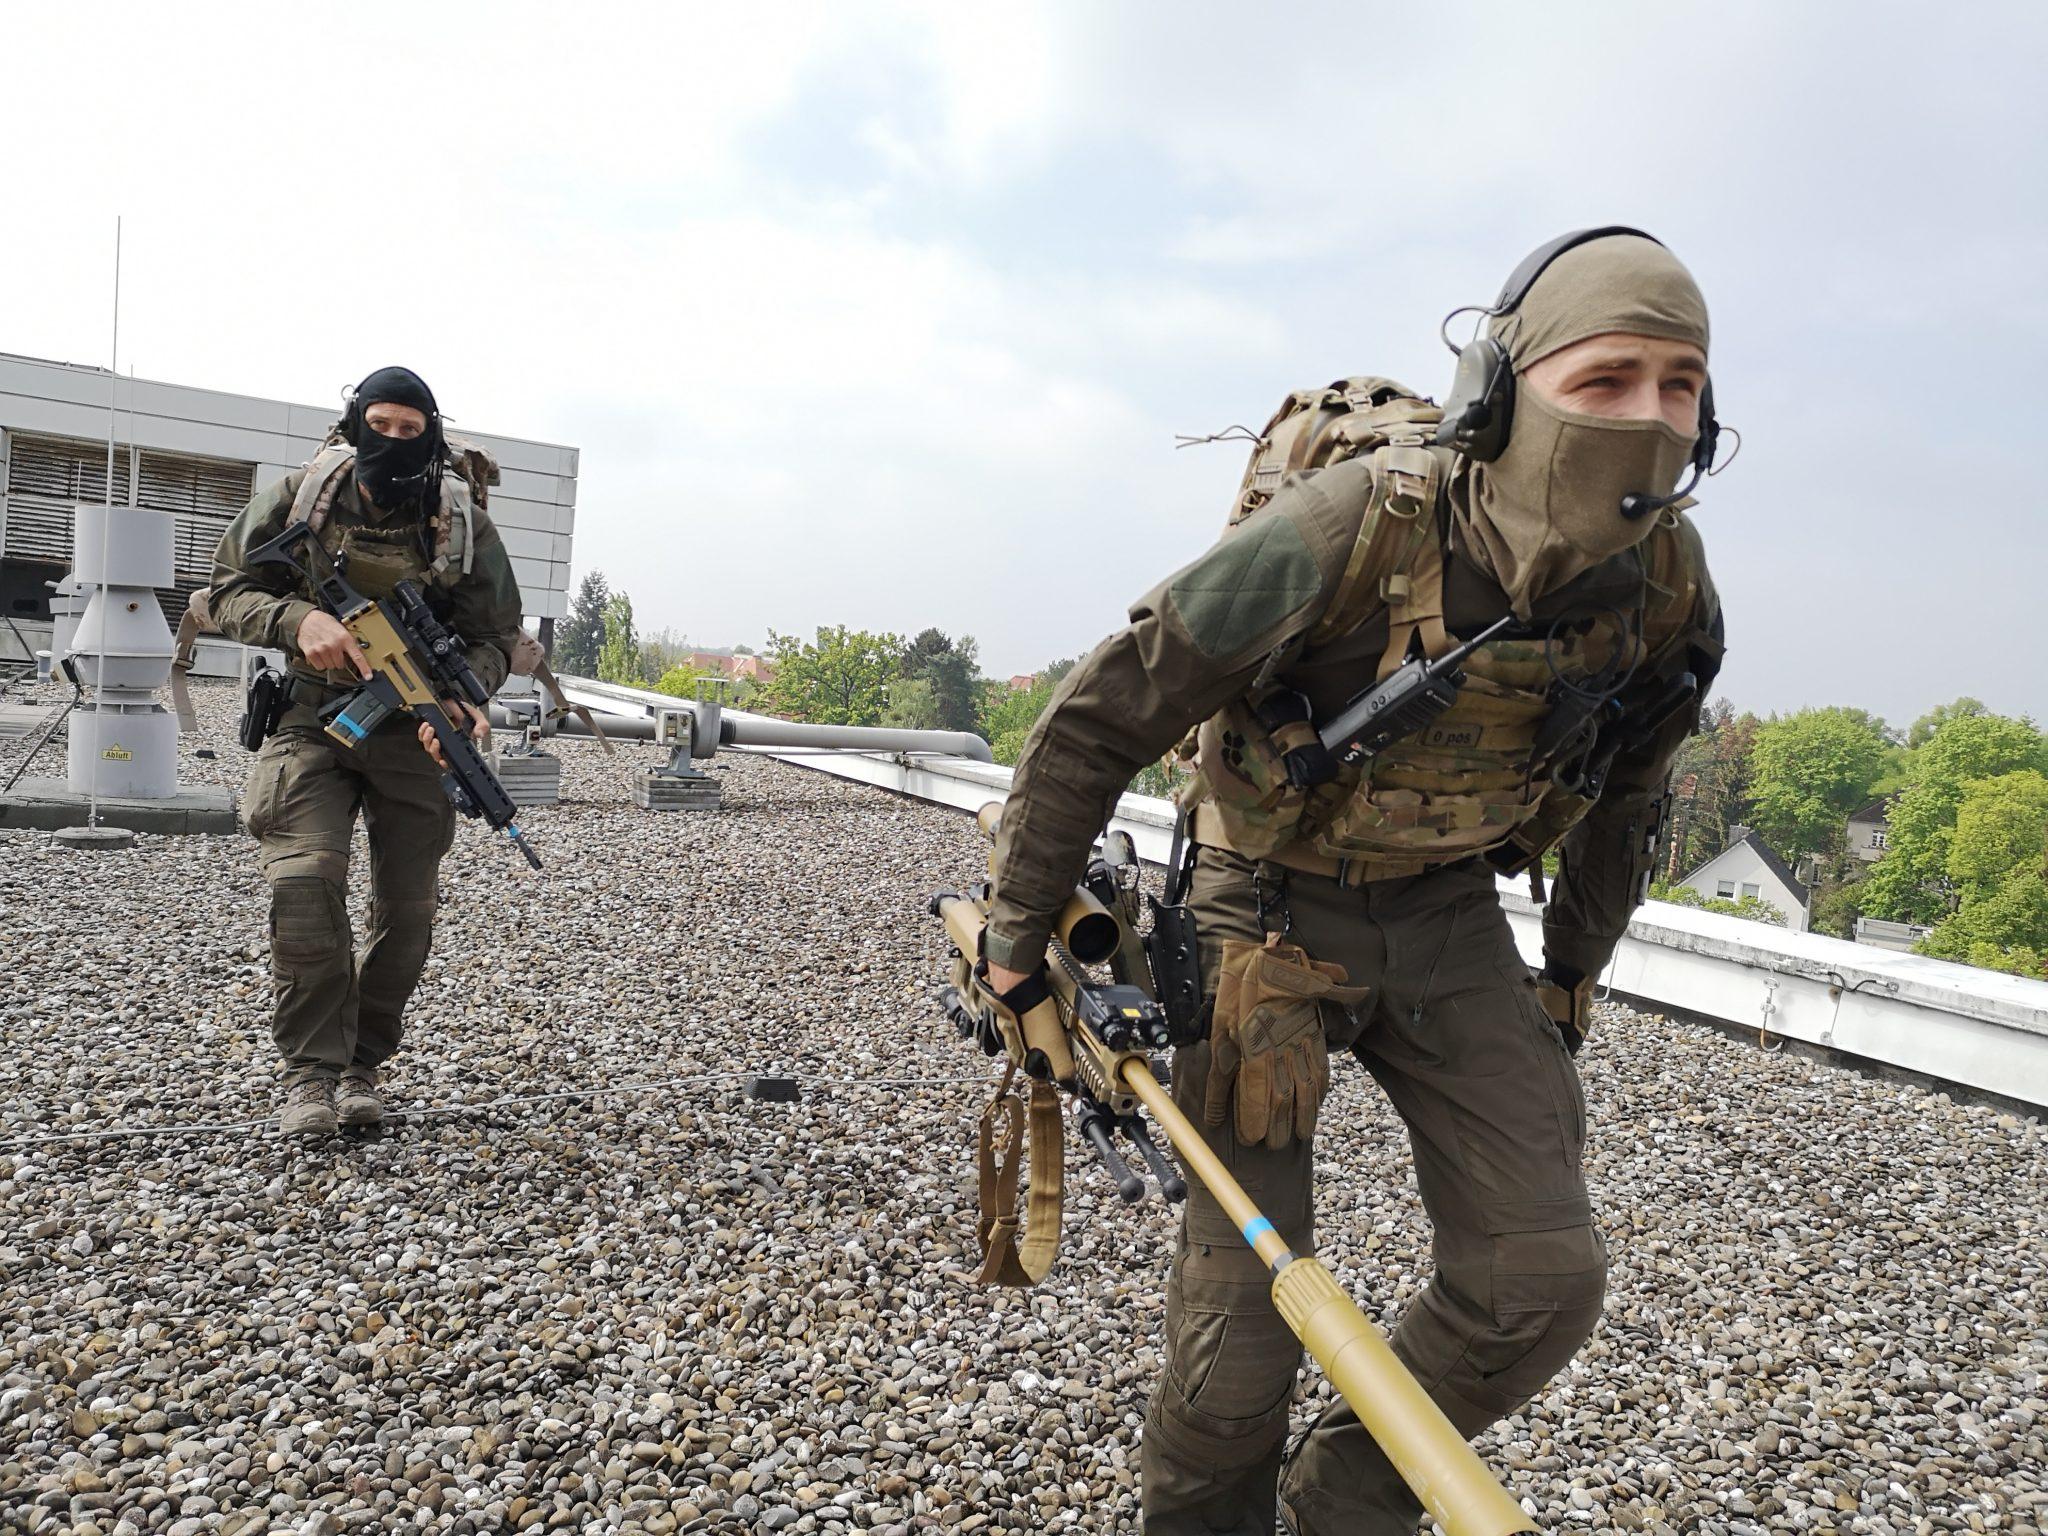 MG Action, MG Forces, Special Forces für Film, SEK Film, GSG9 Film, Polizei Film, Scharfschütze, Sniperpost